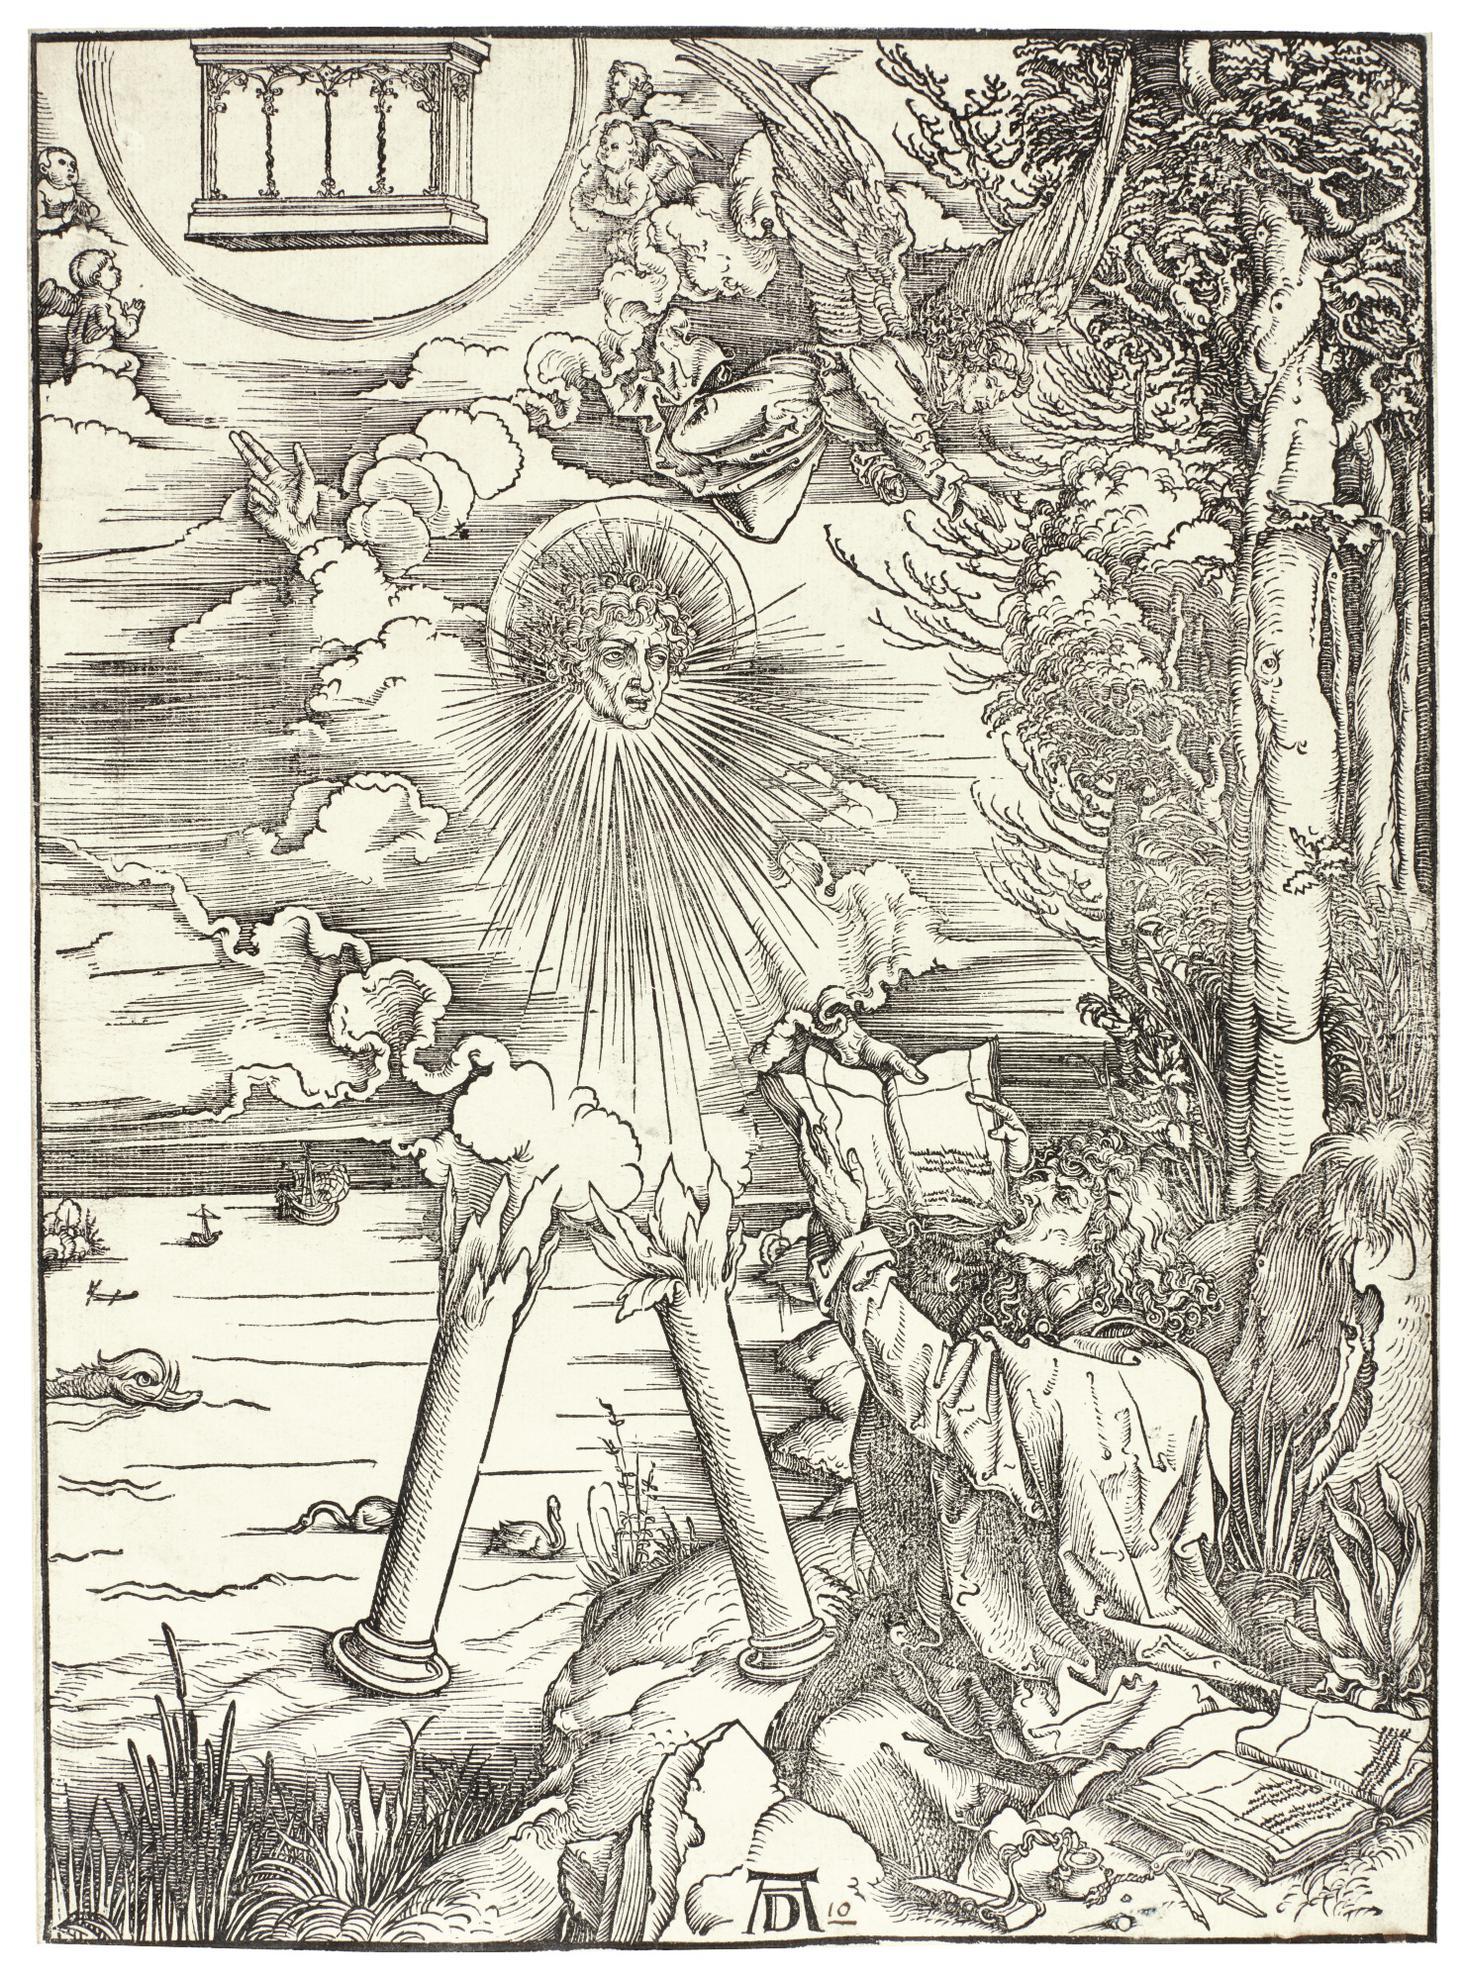 Albrecht Durer-St. John Devouring The Book (B. 70; M., Holl. 172)-1498